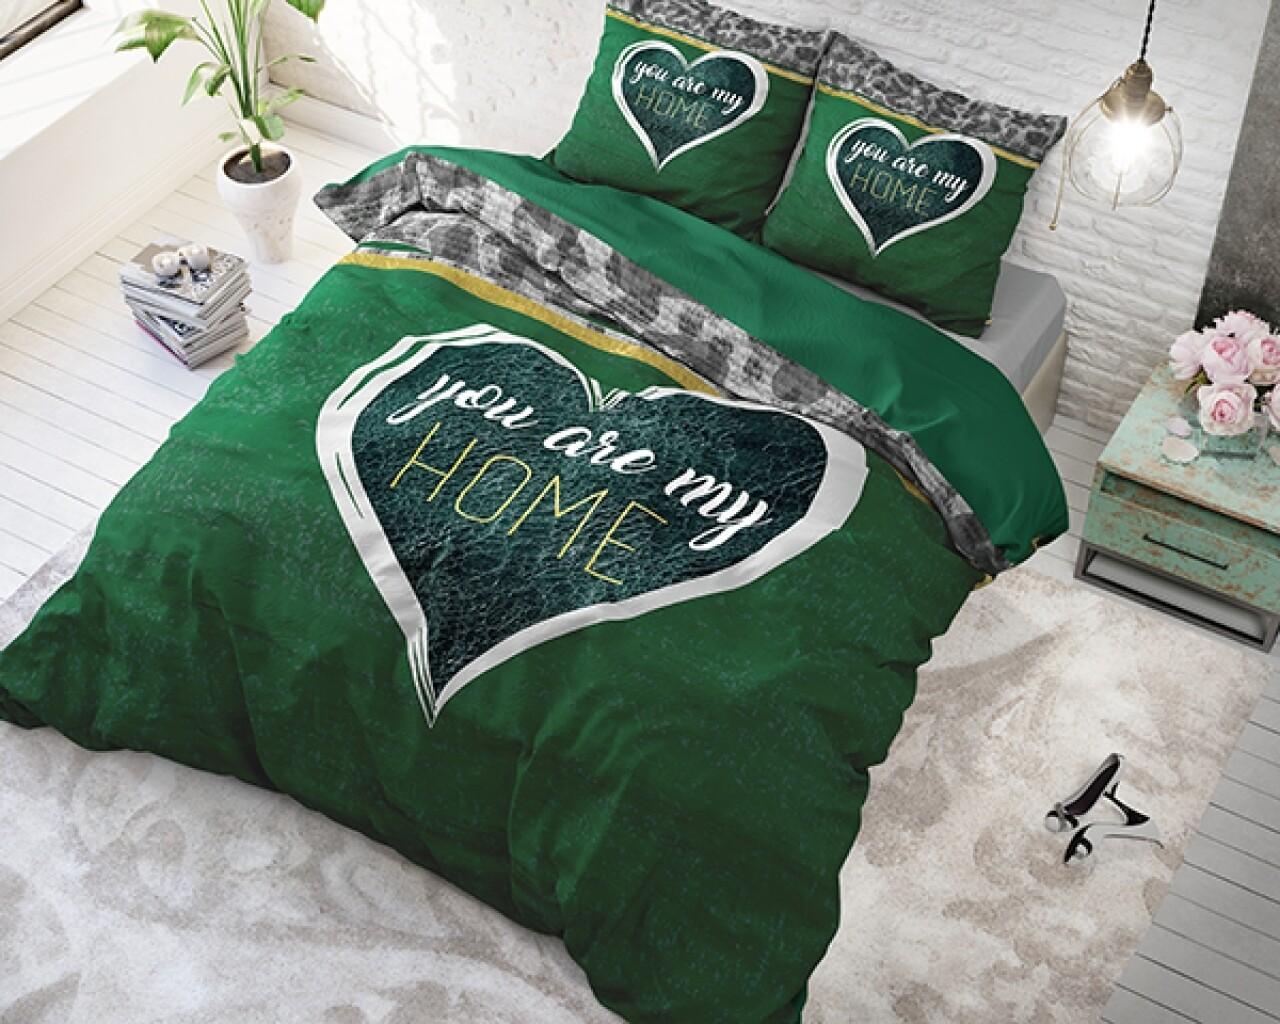 Lenjerie de pat dubla Home Green, Royal Textile, 3 piese, 200 x 220 cm, 100% bumbac flanel, multicolor